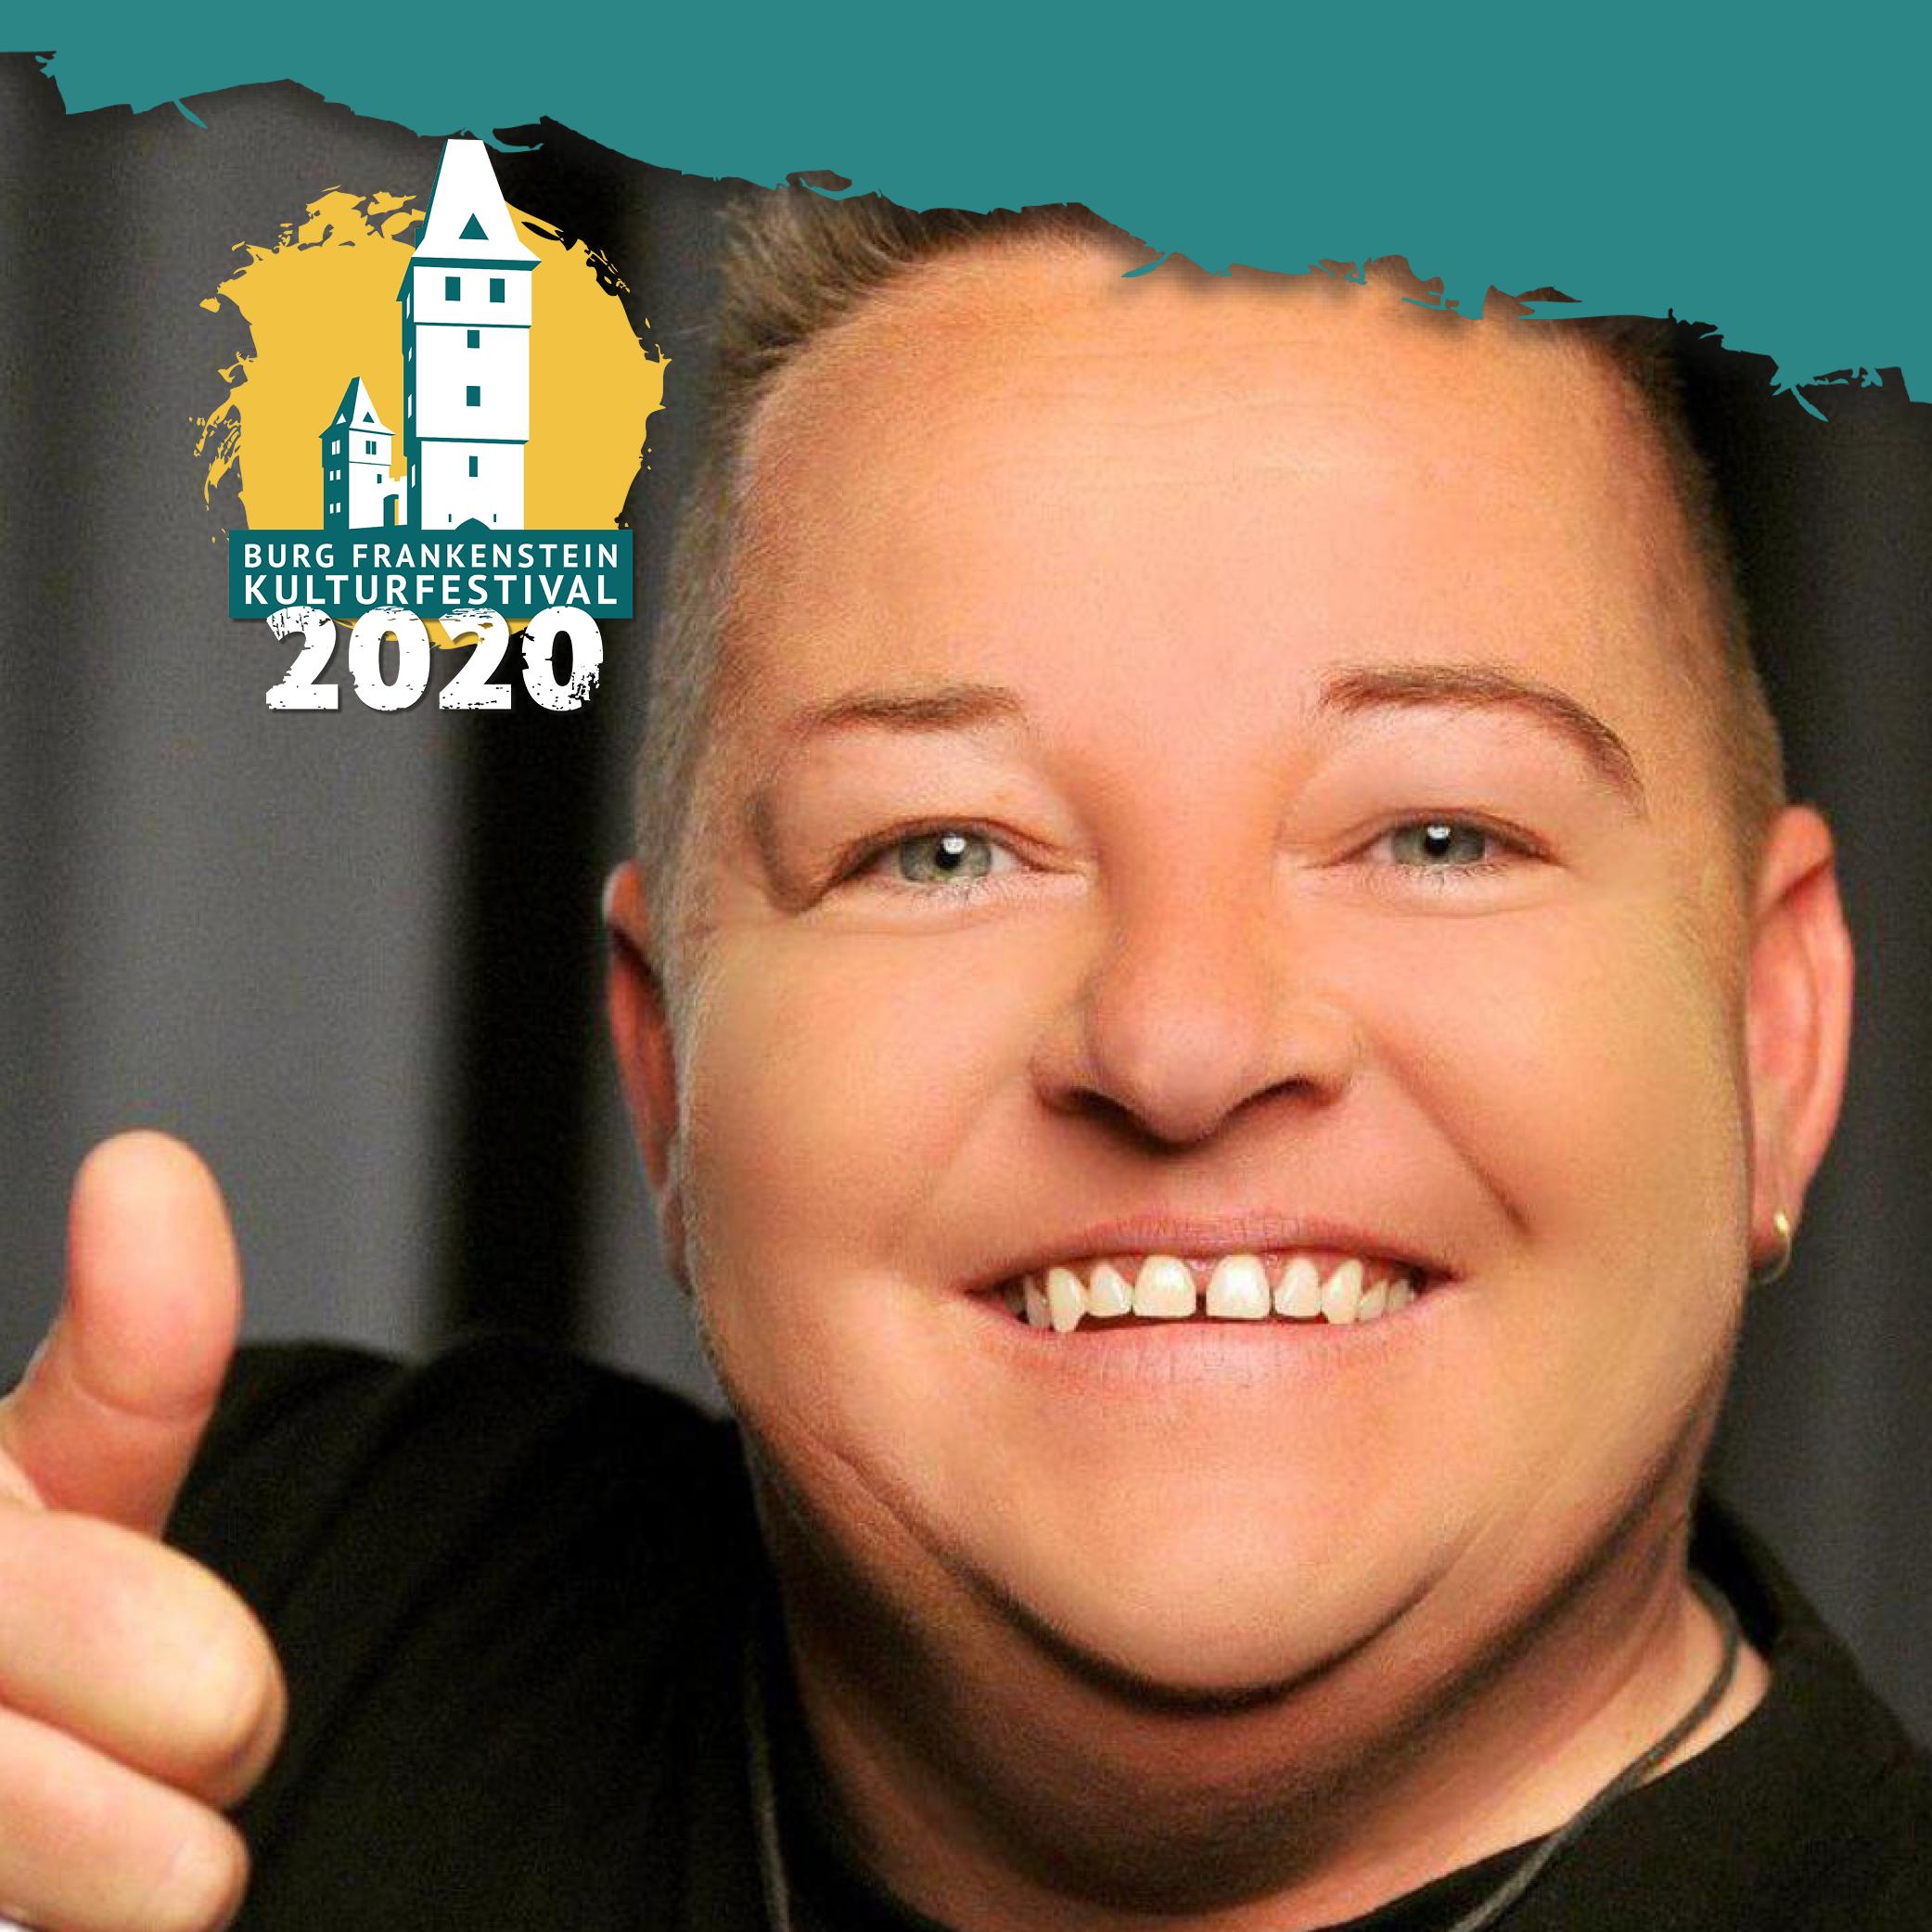 Frankenstein Kulturfestival 10.06.2020